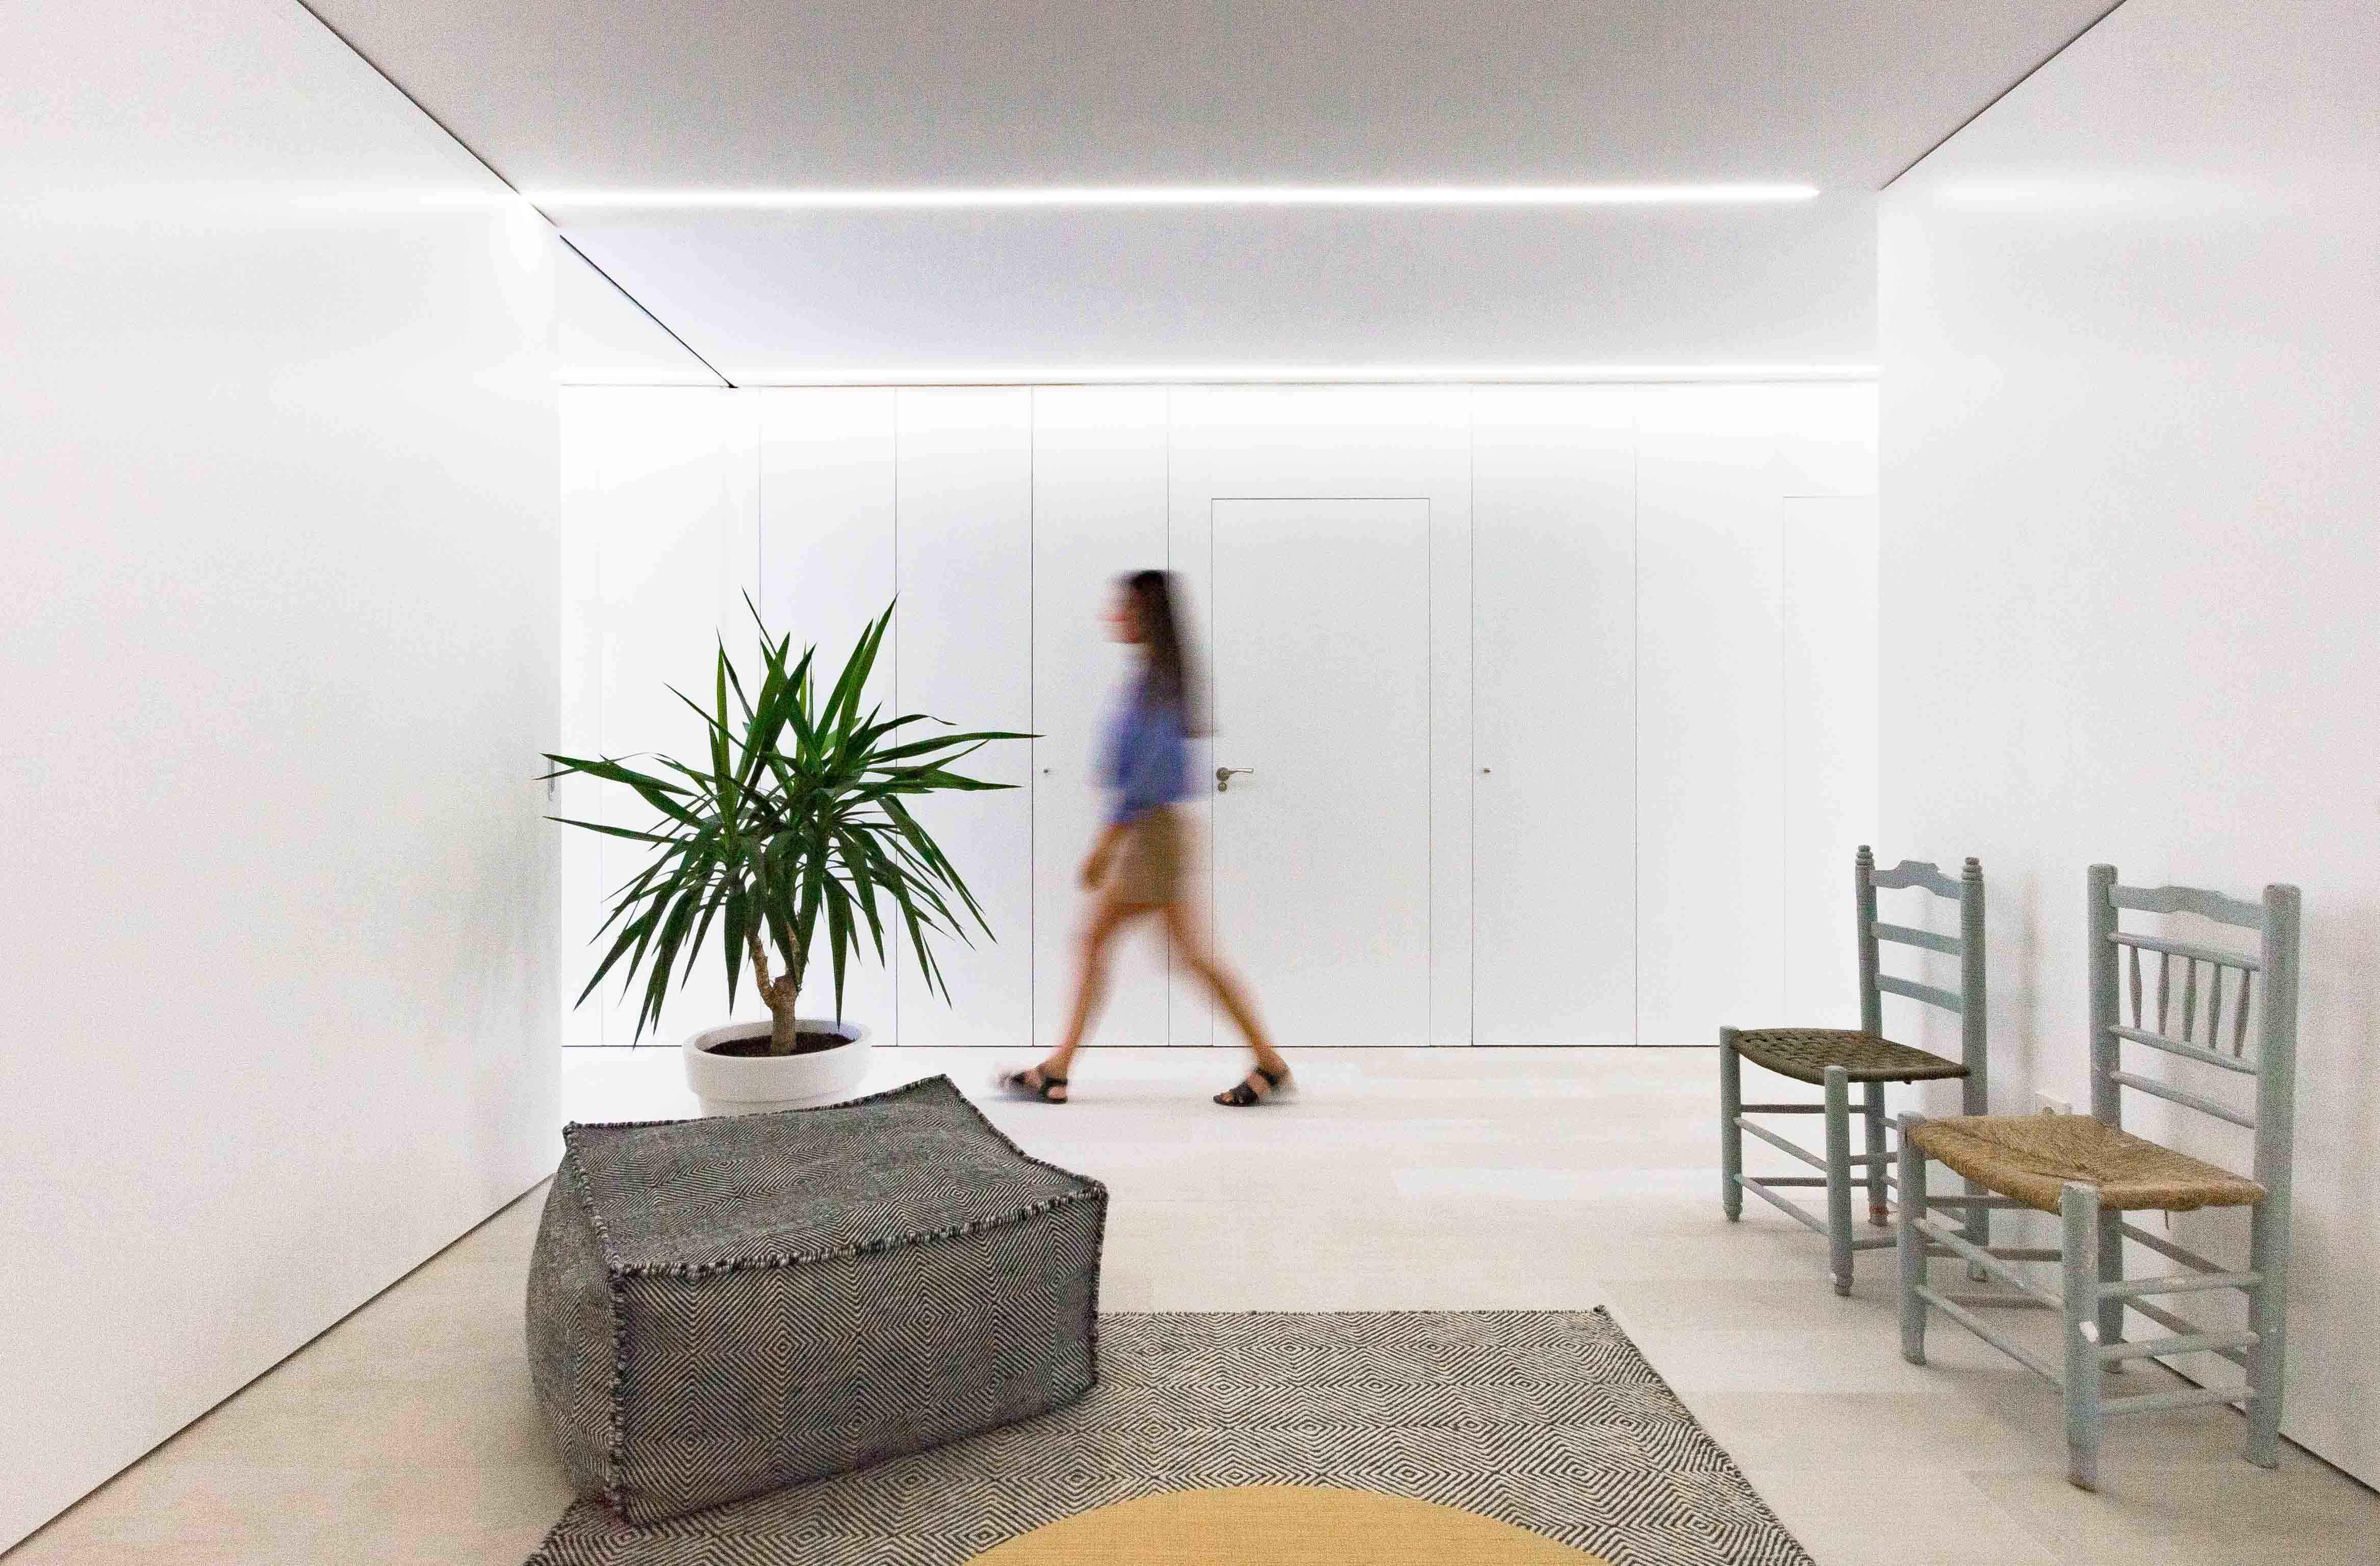 Conjunto de alfombra en decoración minimalista en reforma de casa. Chiralt Arquitectos Valencia.